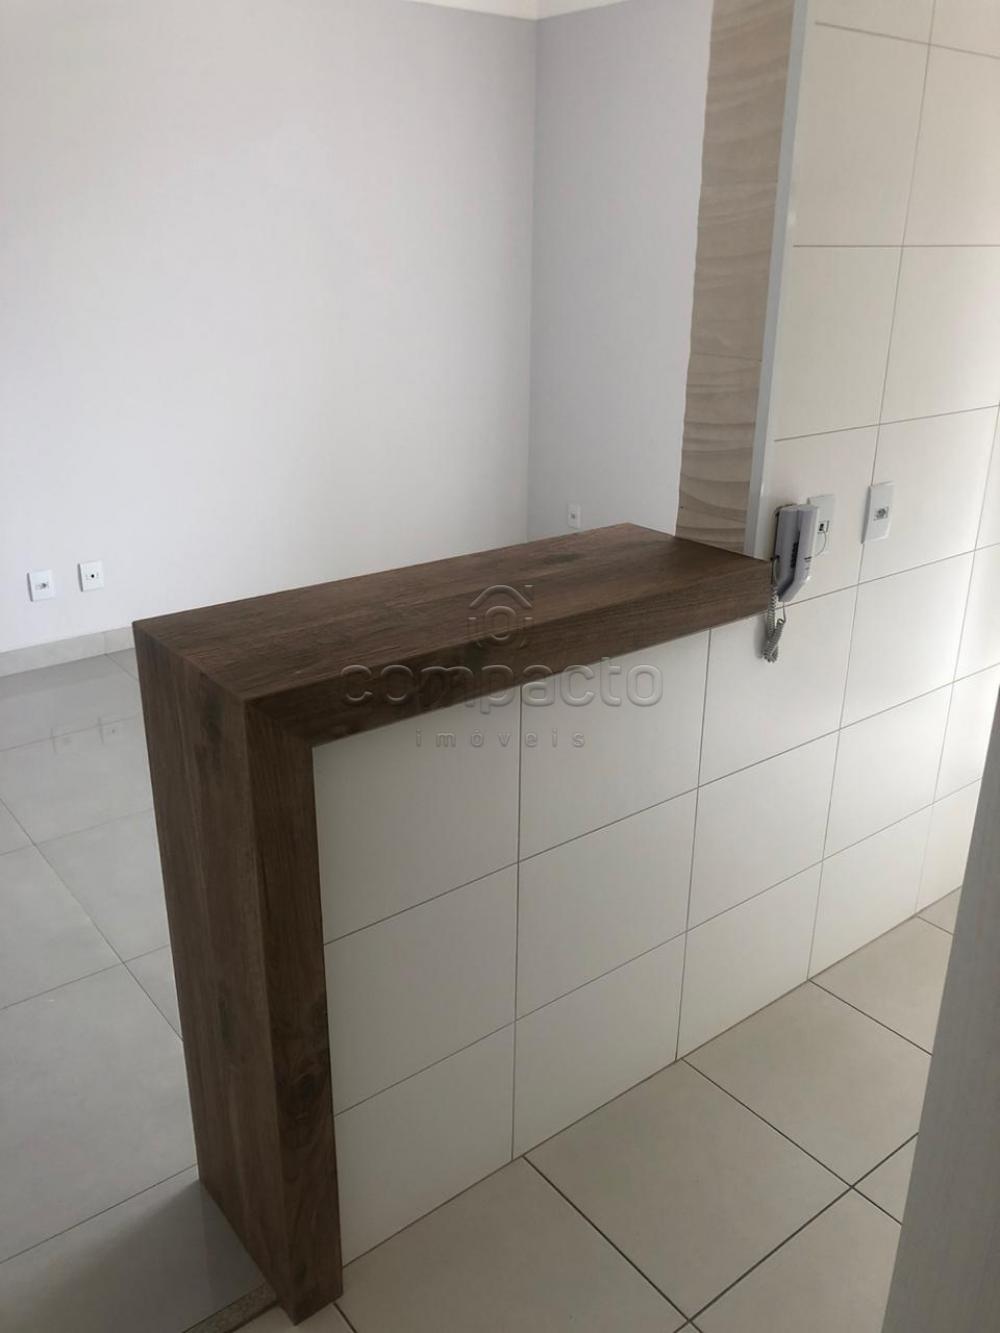 Alugar Apartamento / Padrão em São José do Rio Preto apenas R$ 2.100,00 - Foto 6